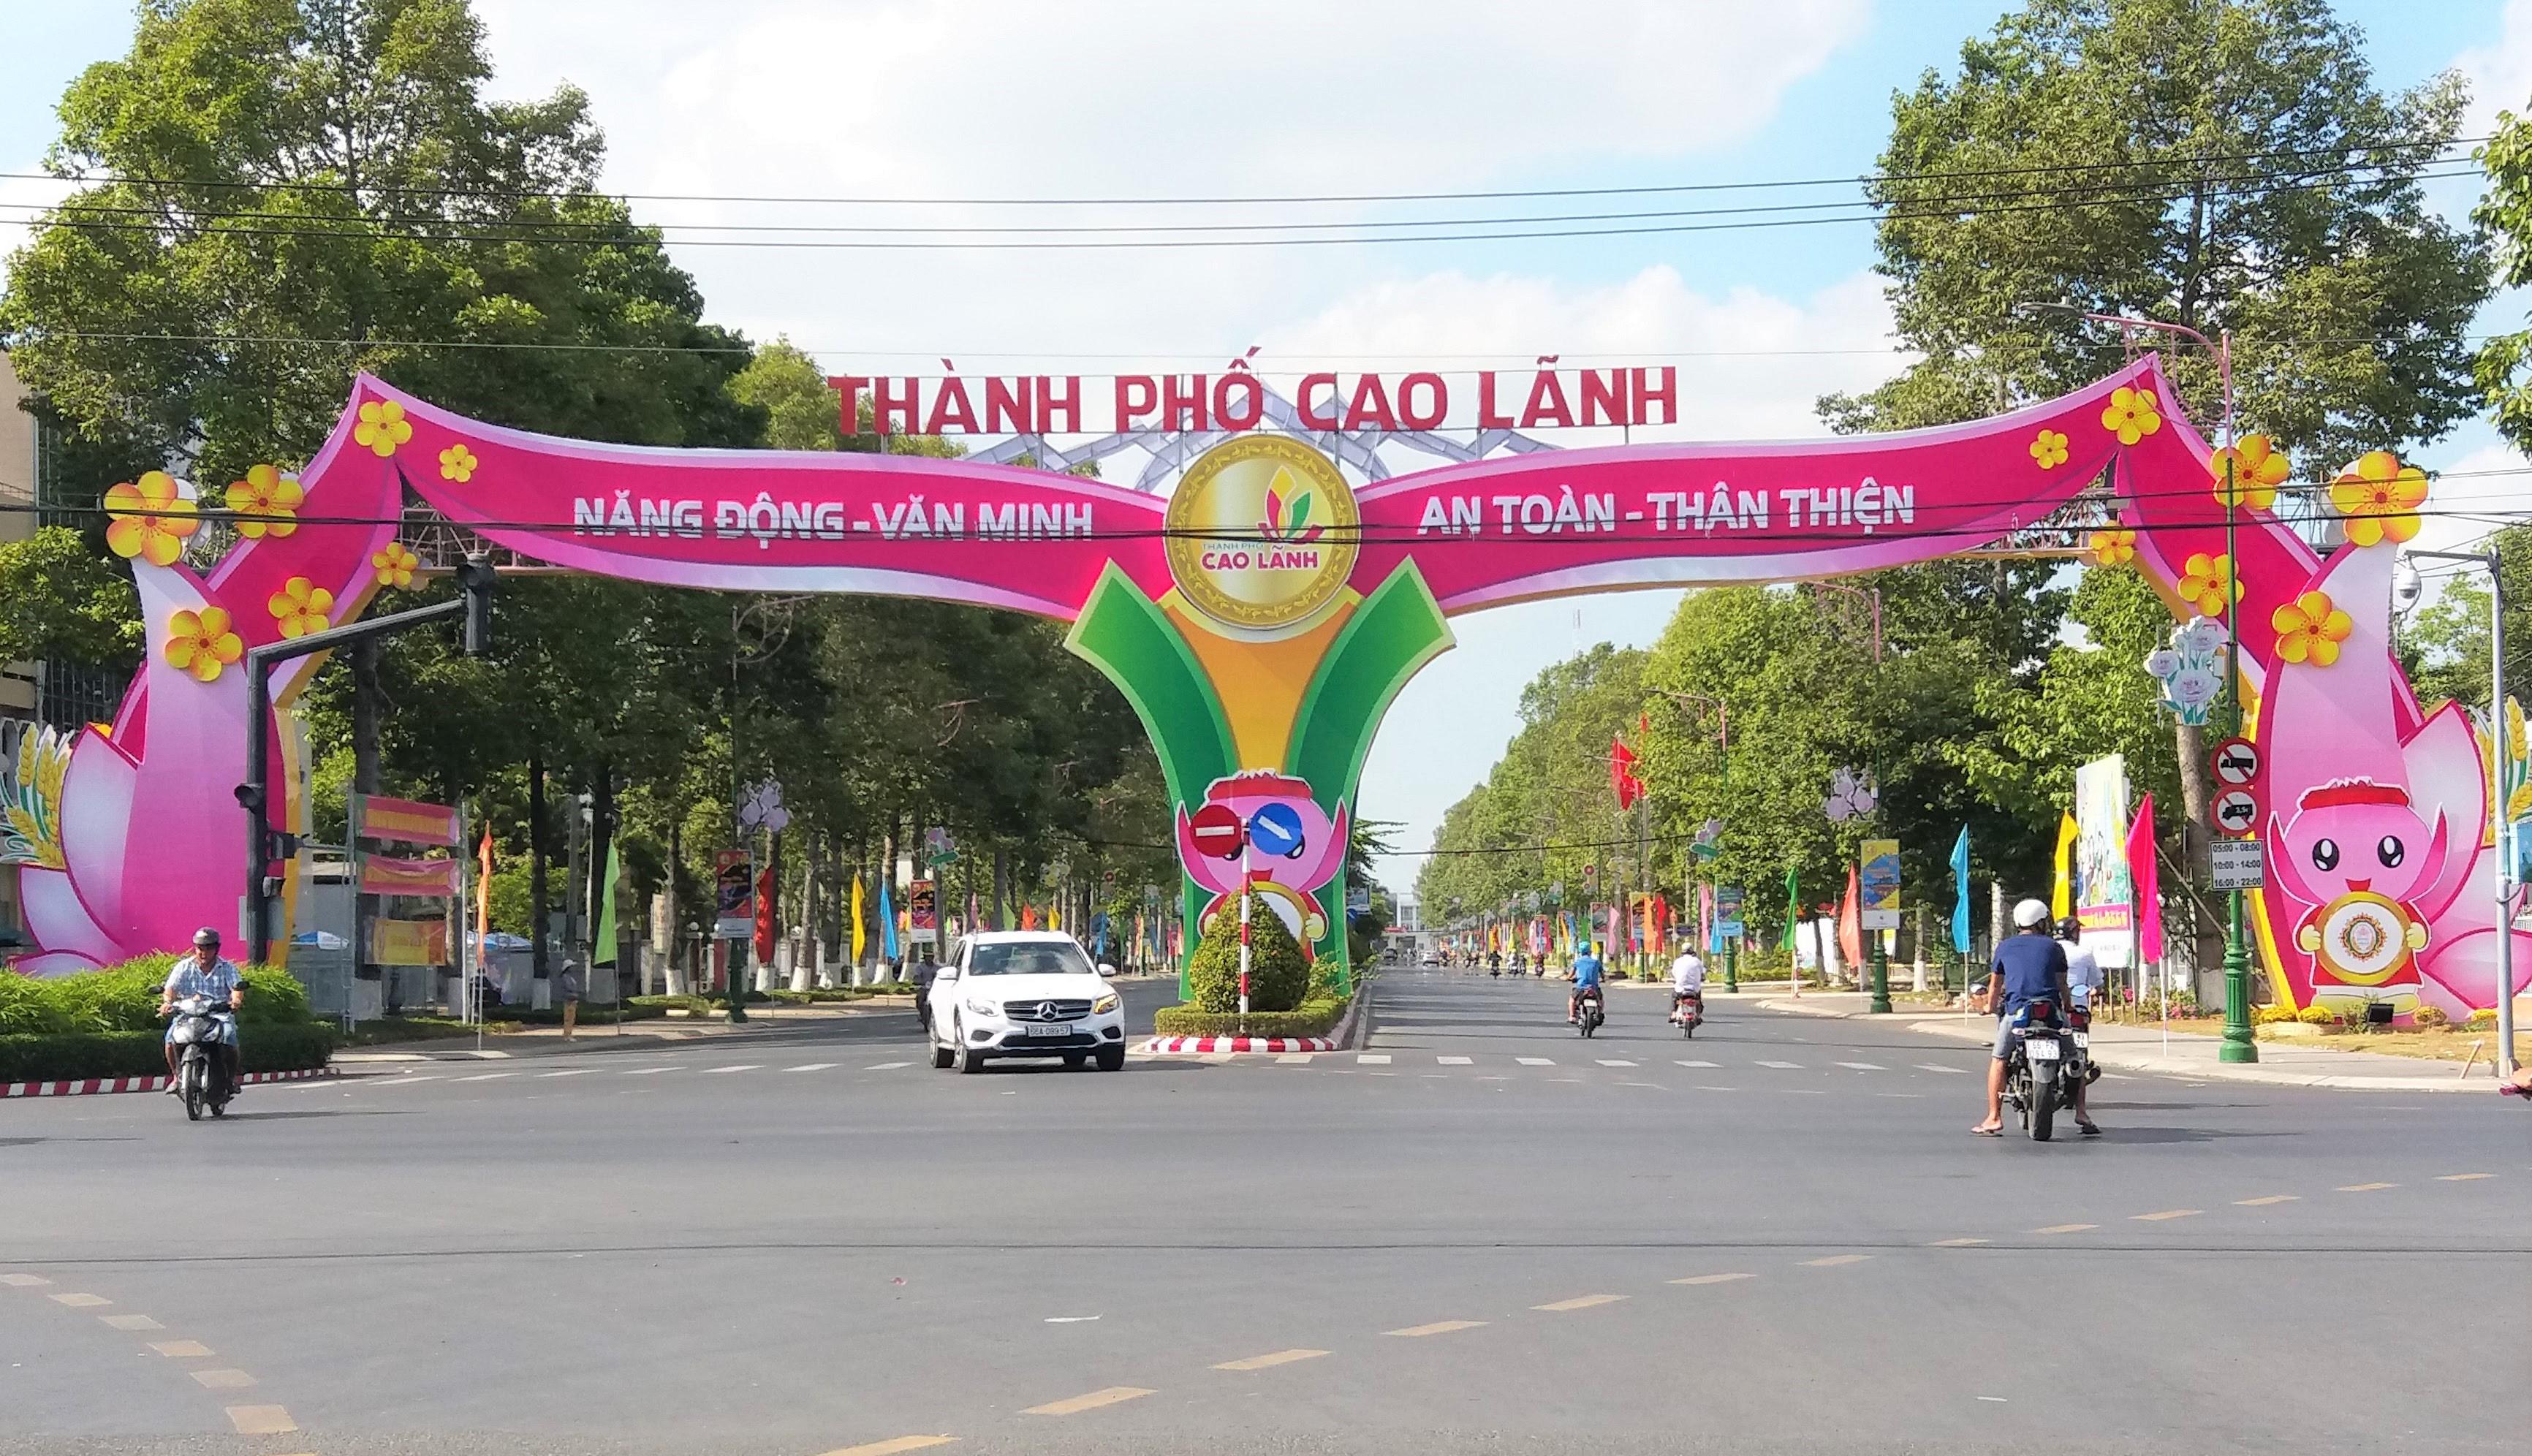 Vietnam's festive season